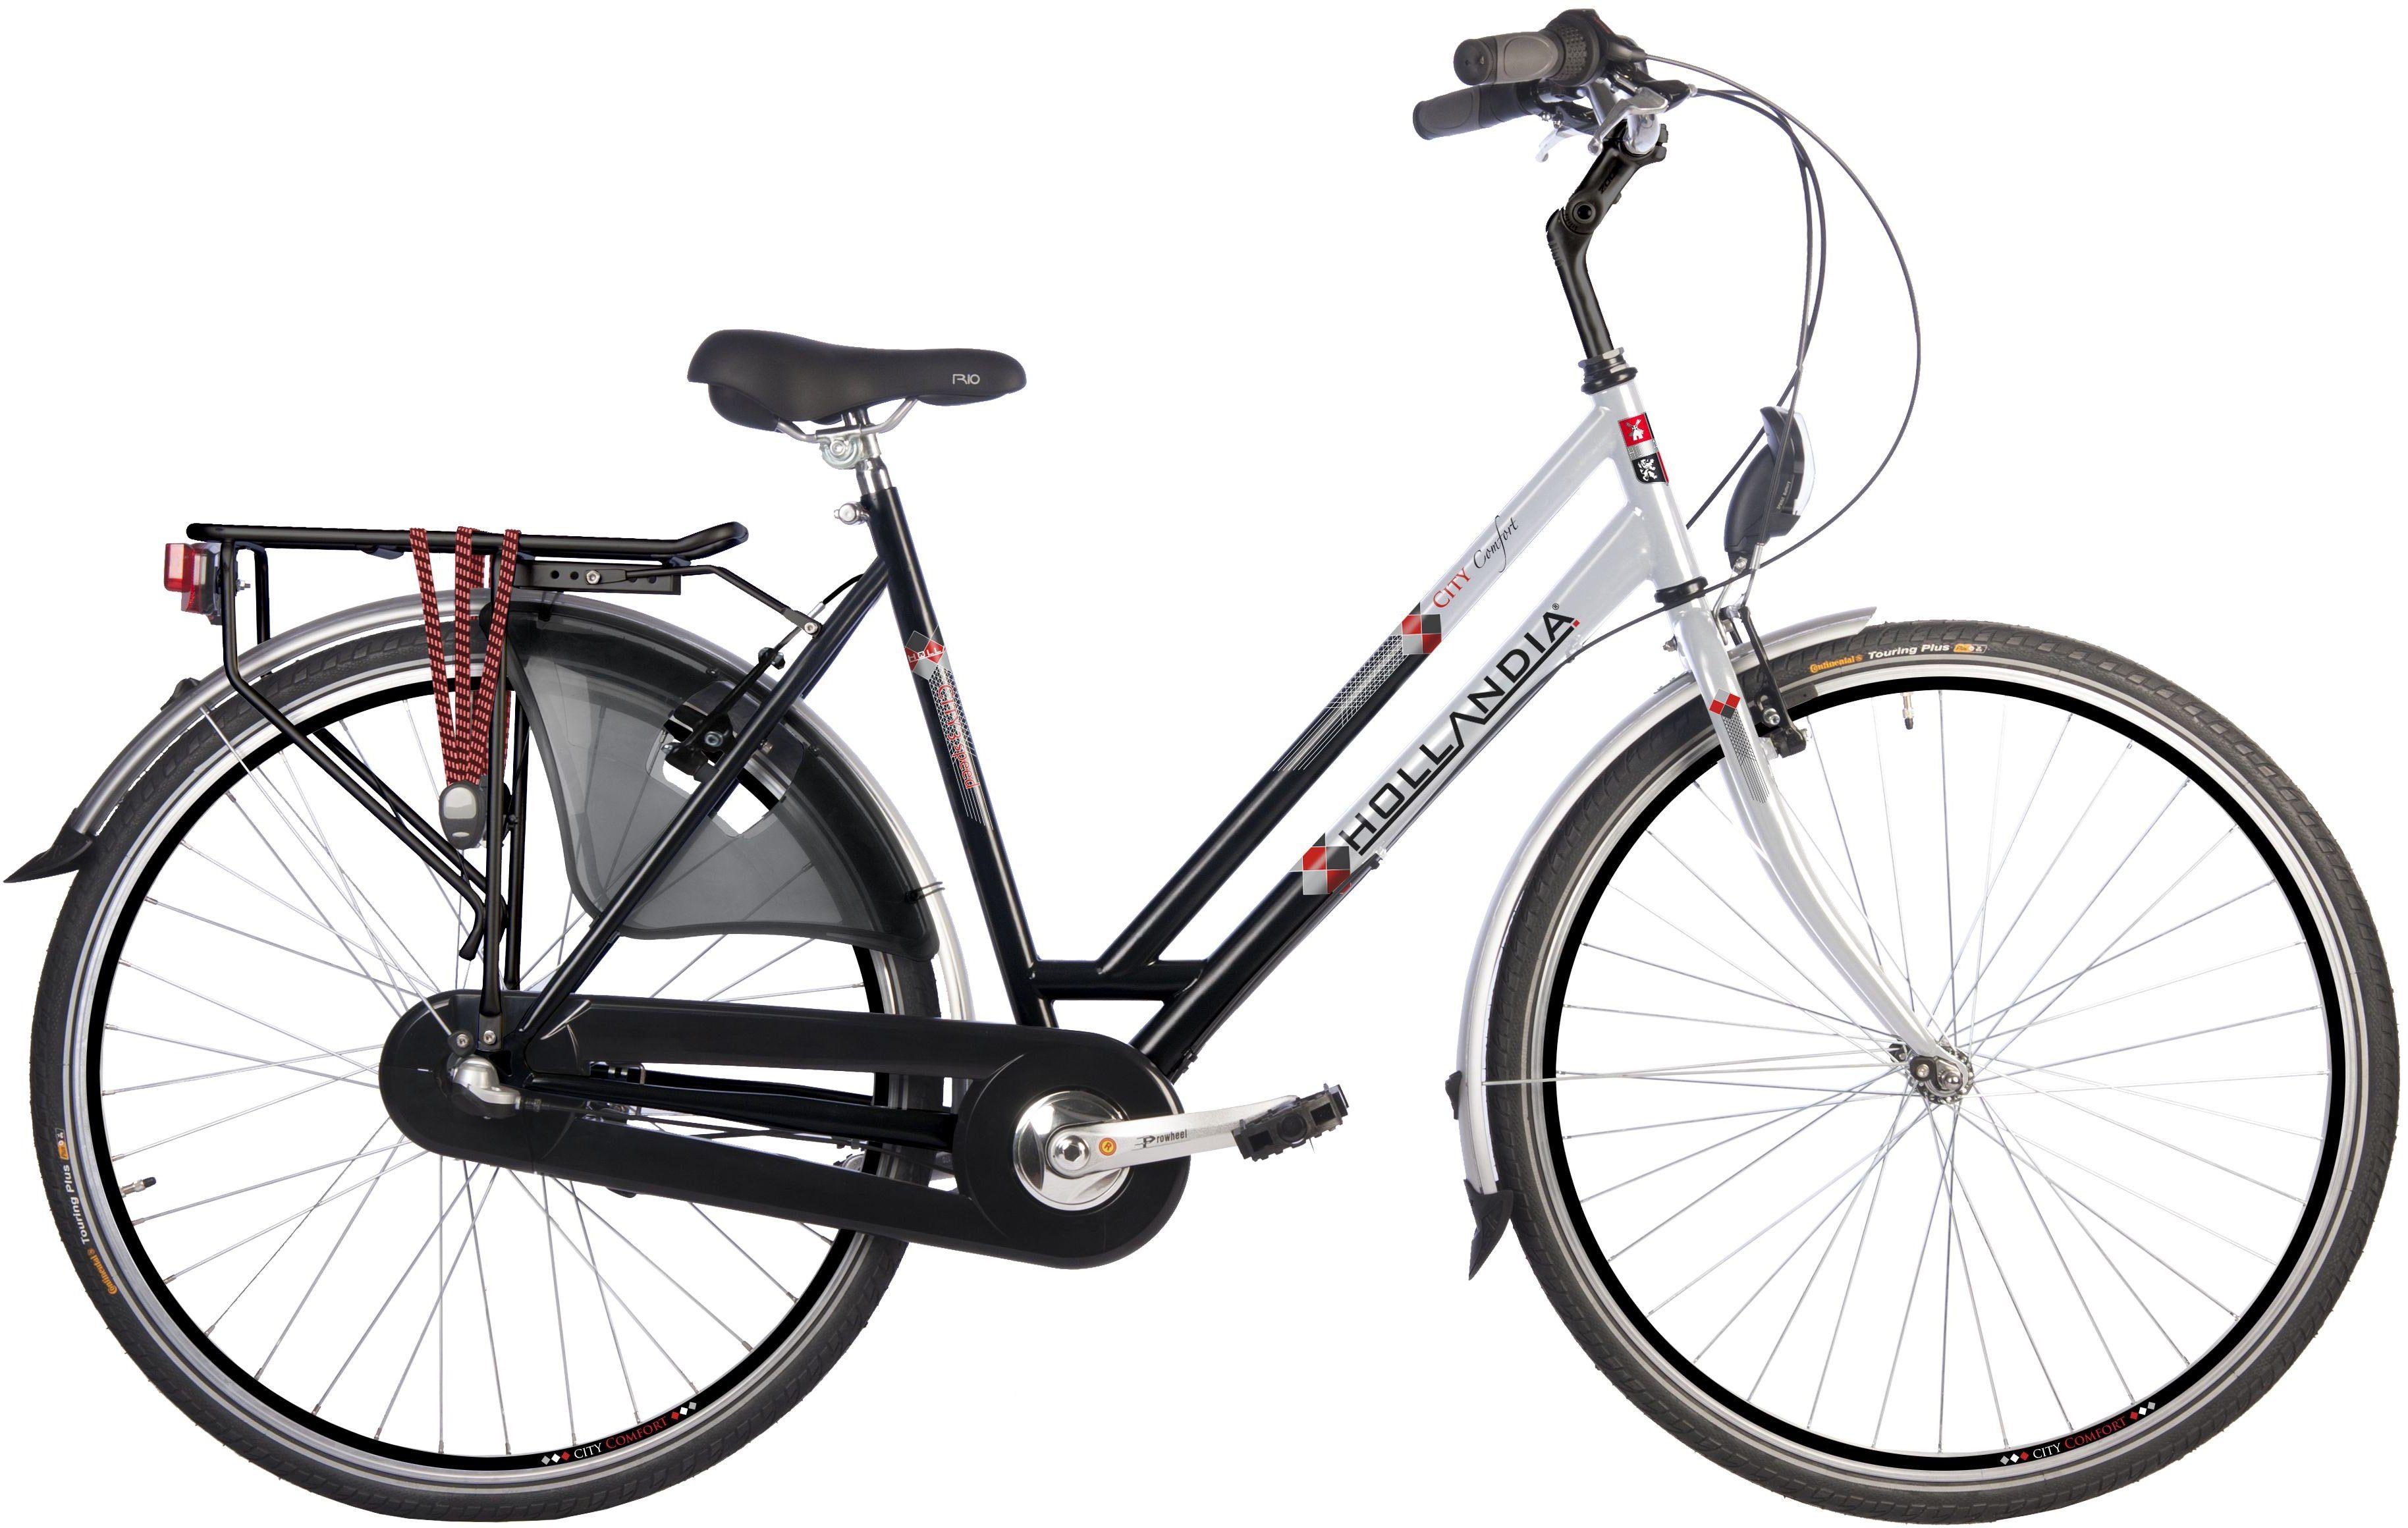 Hollandia Damen Citybike, 28 Zoll, 3 Gang Shimano Nabenschaltung, Rücktritt, »City Comfort«